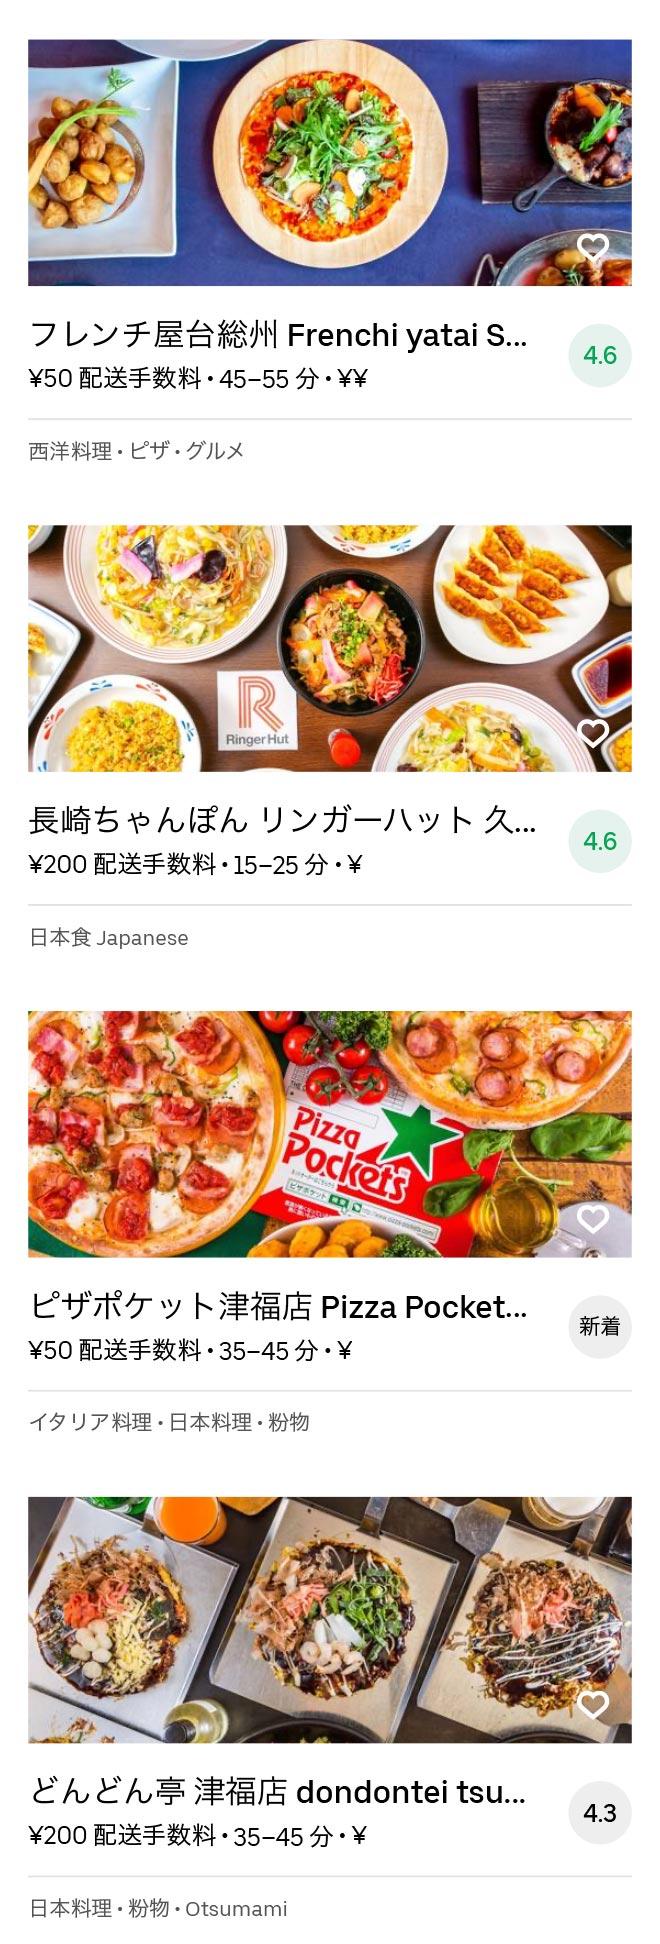 Nishitetsu kurume menu 2008 11